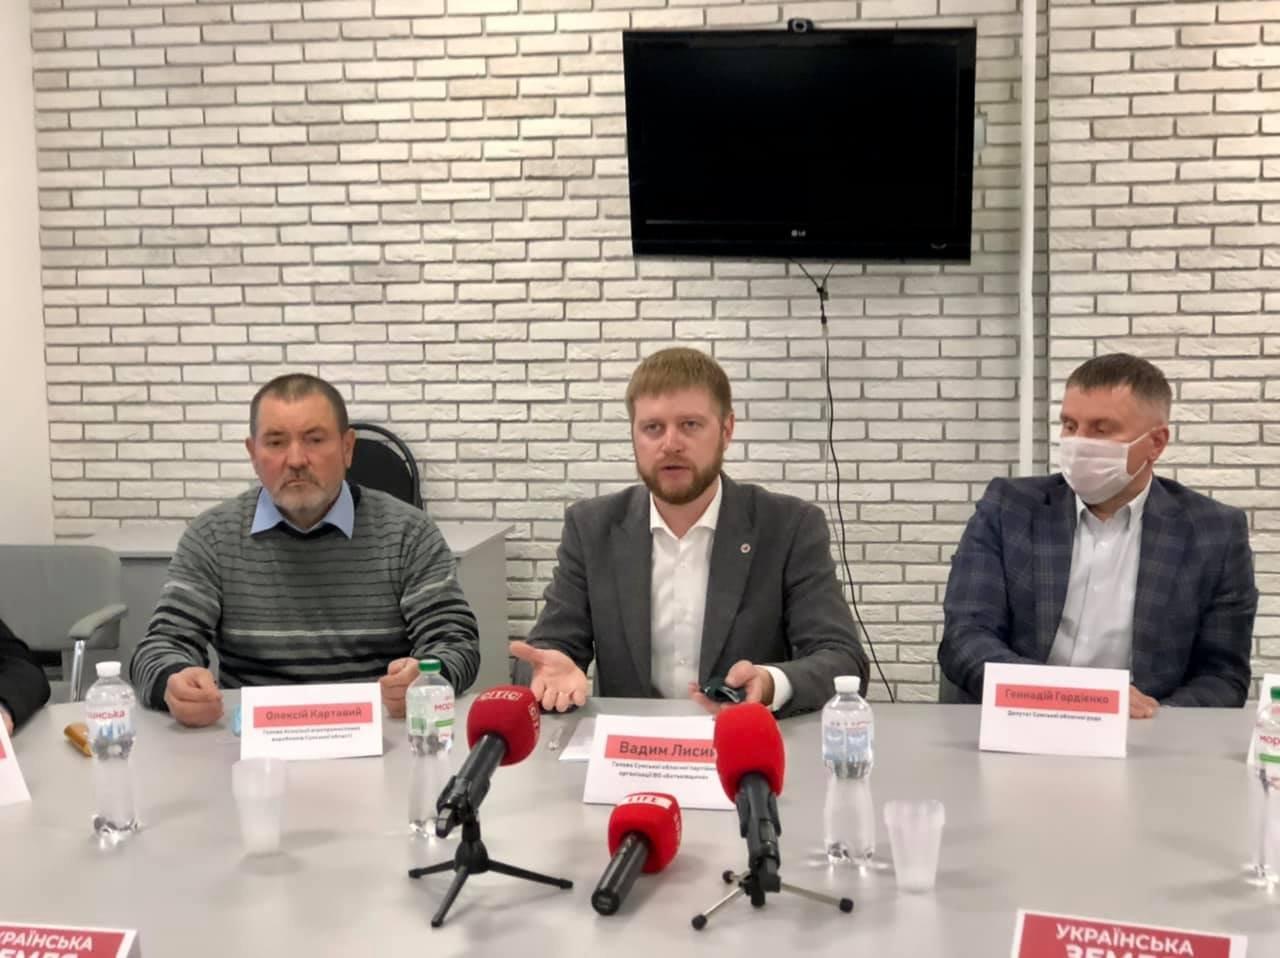 «Ні продажу української землі»: аграрії, фермери, землевласники Сумщини та депутати підписали резолюцію , фото-1